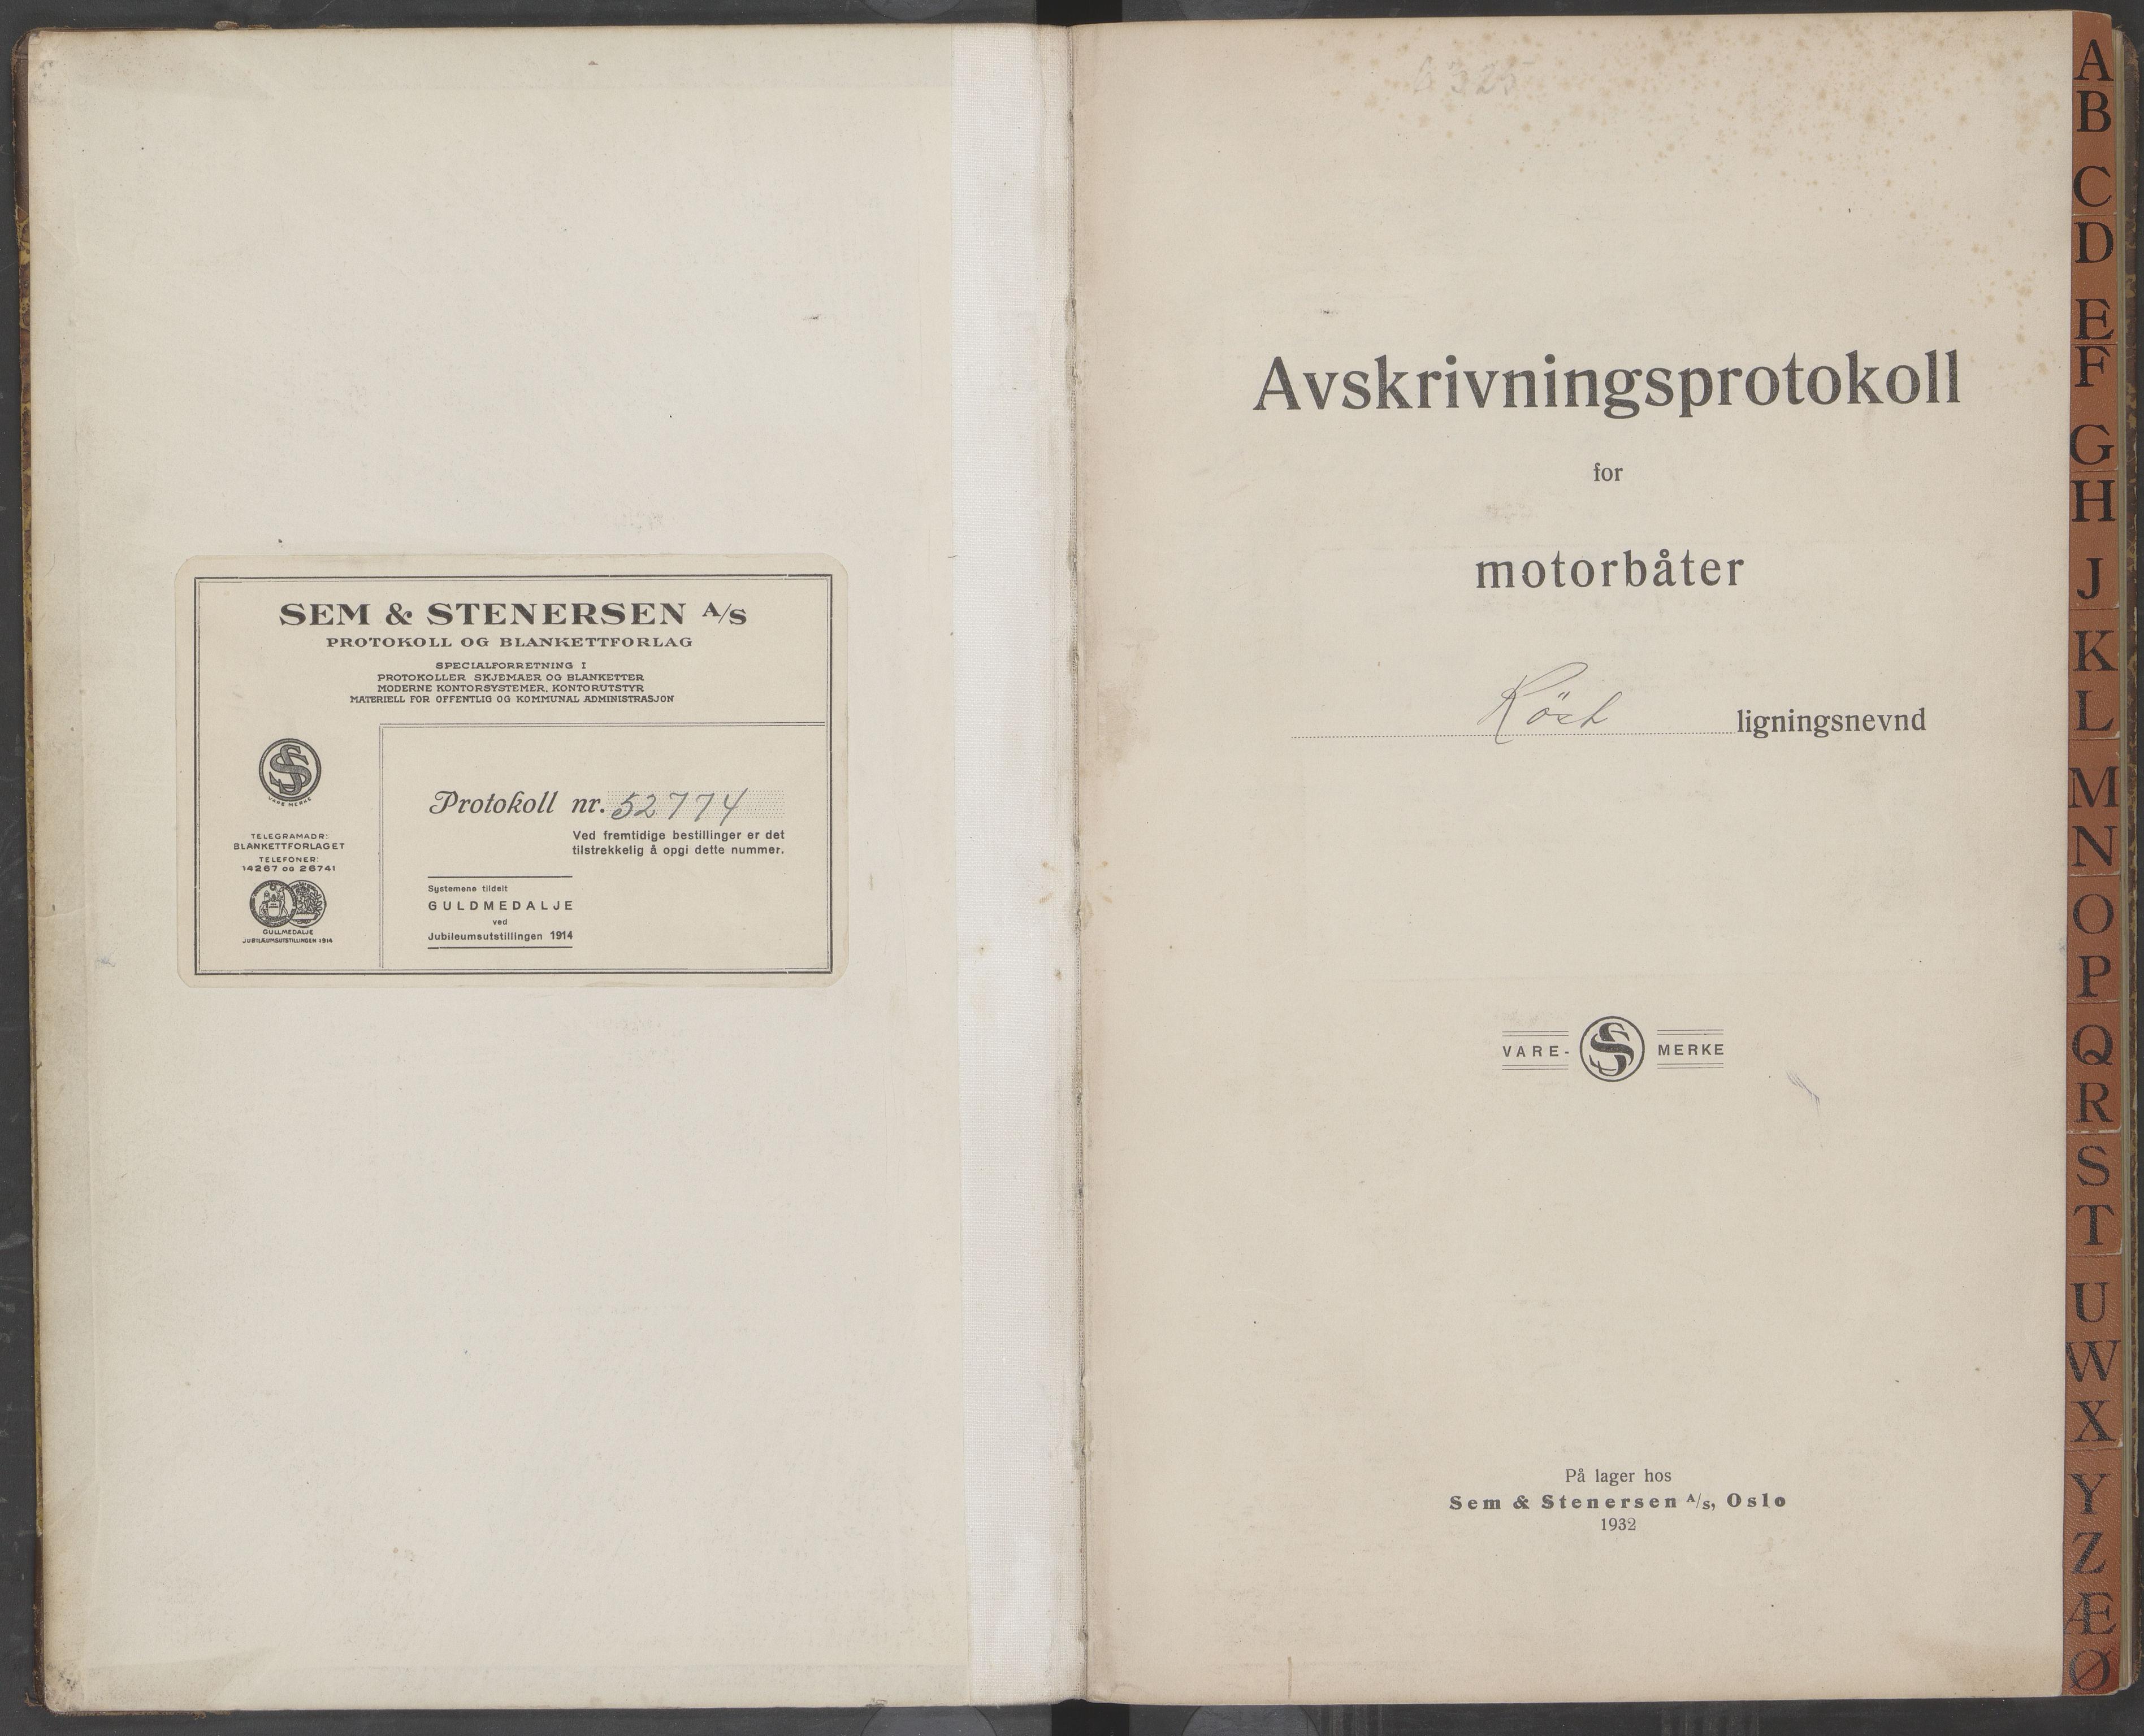 AIN, Røst kommune. Ligningsnemnd, 330/L0001: Avskrivningsprotokoll, 1930-1957